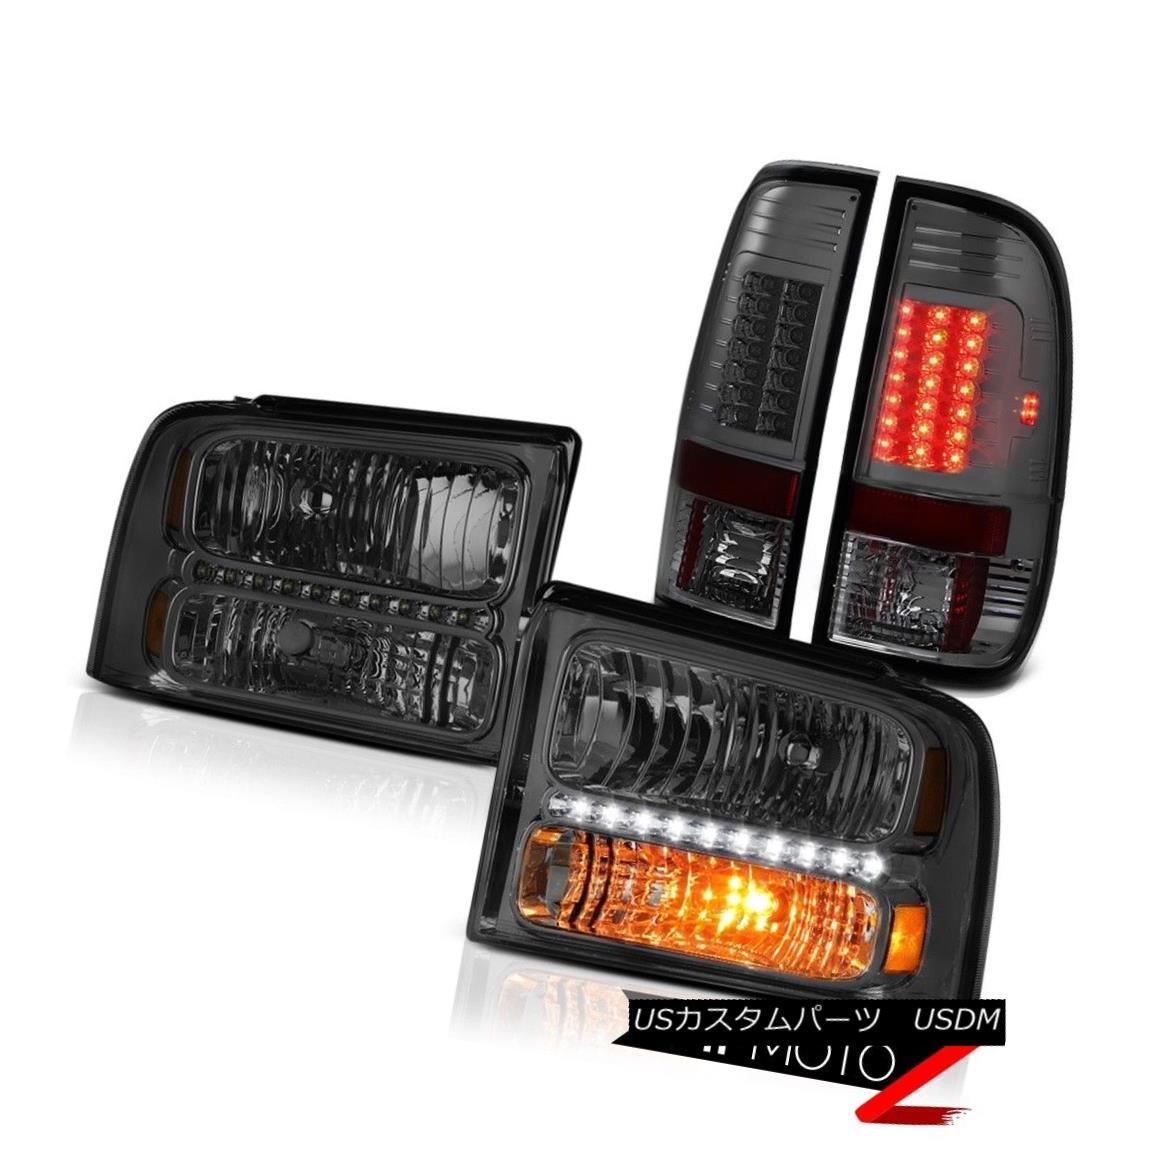 テールライト Front Crystal Clear Headlights Smoked LED Taillamps 2005 2006 2007 Ford F250 XLT フロントクリスタルクリアヘッドライトスモークLEDタイルランプ2005 2006 2007 Ford F250 XLT